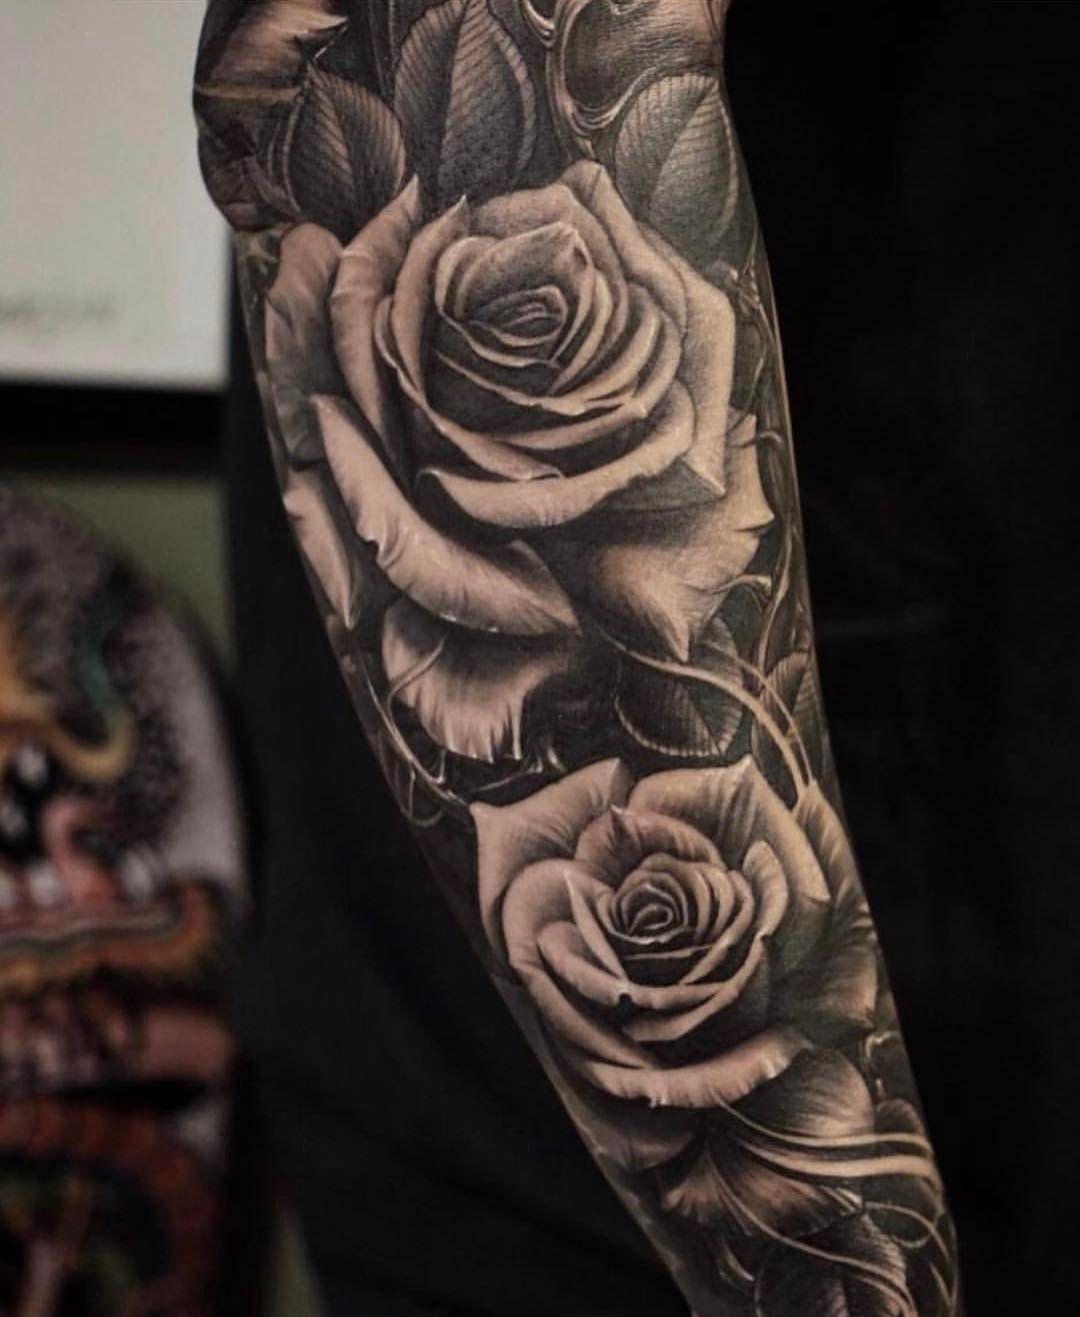 Pin De Victoria Anguiano Em ☆showin Up☆ Tatuagens De Rosas Para Homens Melhores Tatuagens